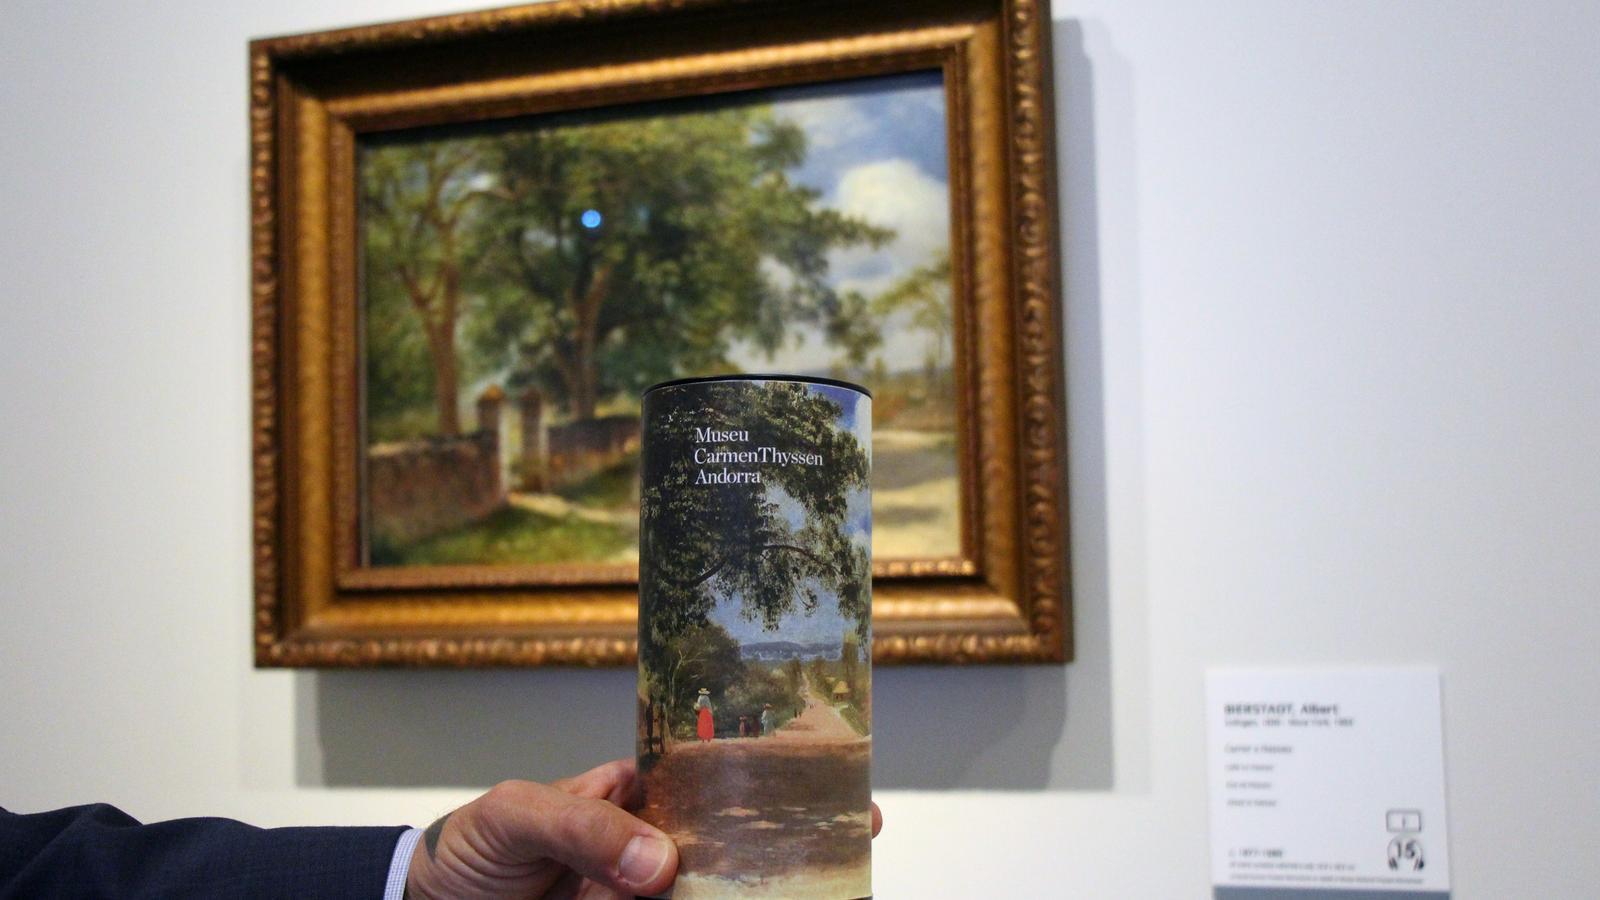 El director artístic del museu i comissari, Guillermo Cervera, mostra un dels pots de te inspirats en un quadre de l'exposició. / C.G. (ANA)